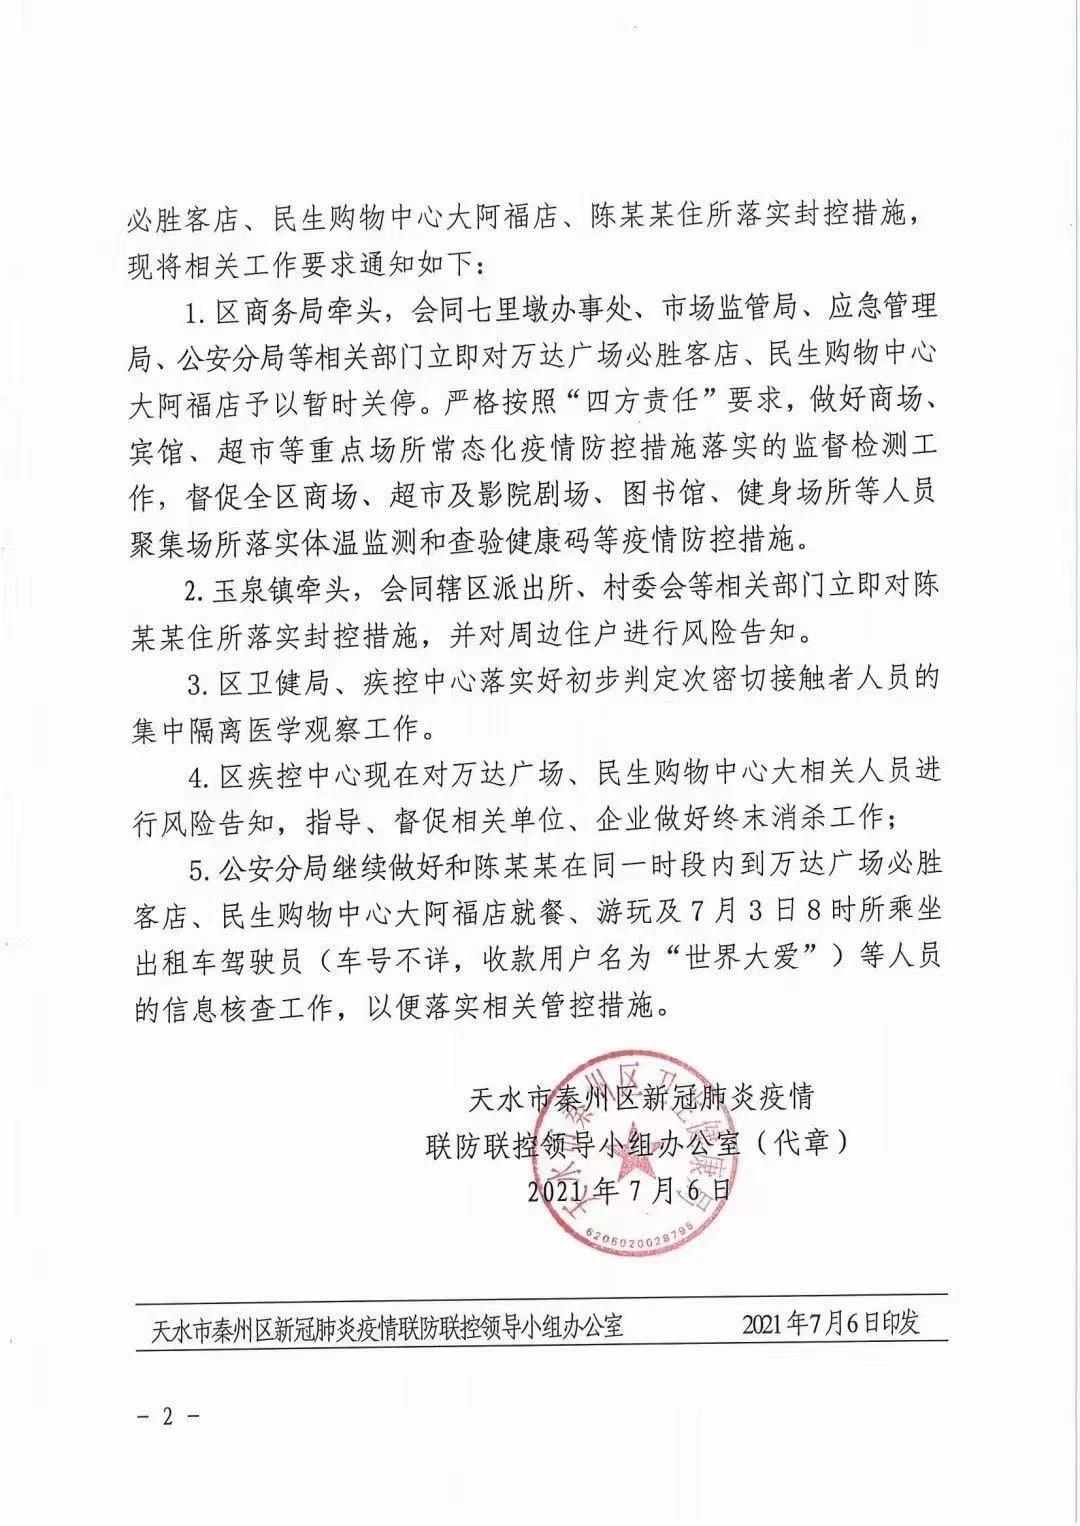 1名密接人员曾在甘肃天水活动,当地两店封控